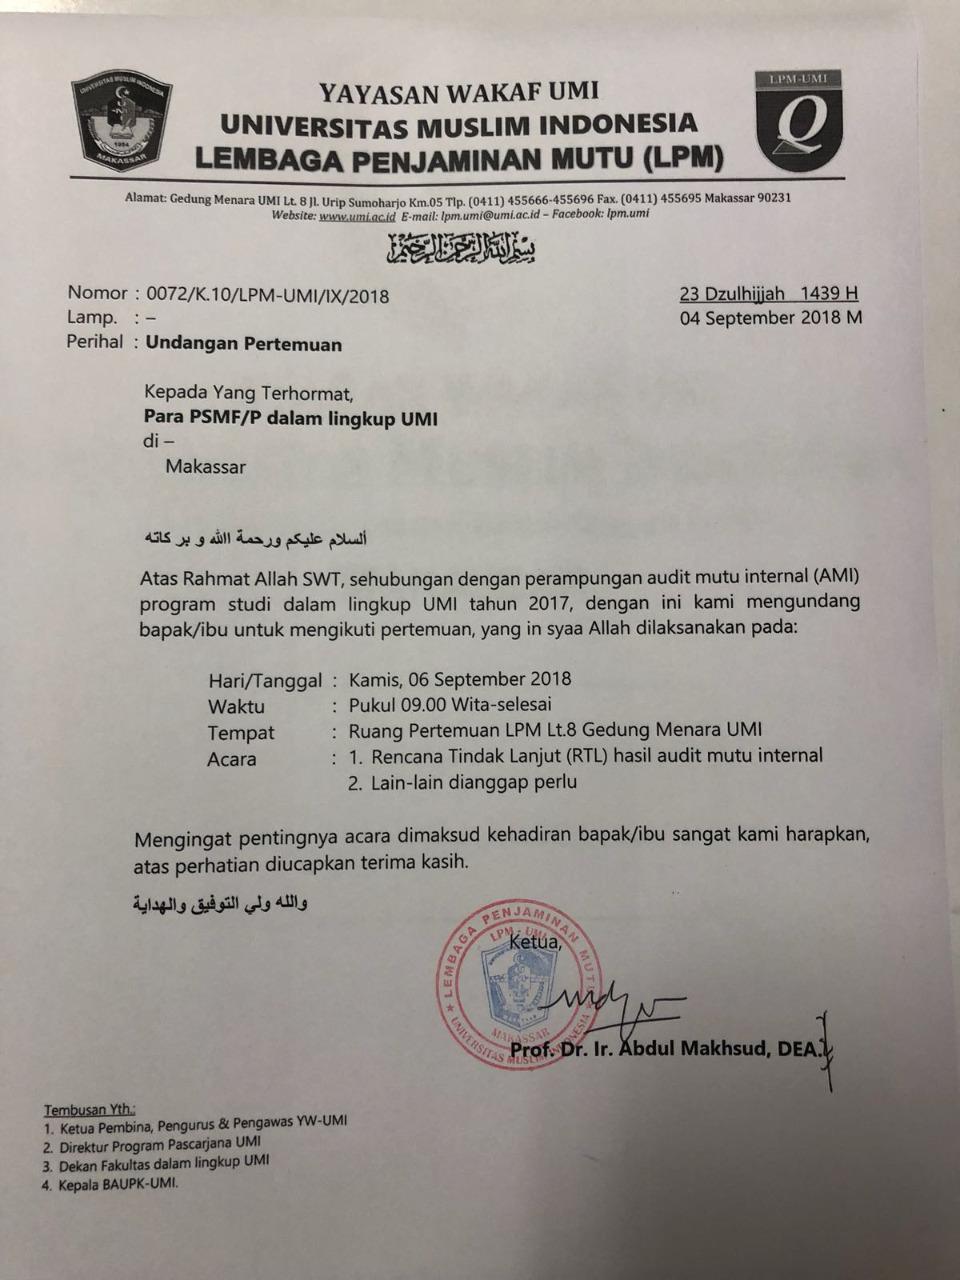 Undangan Pertemuan Para PSMF/P dalam linkup UMI